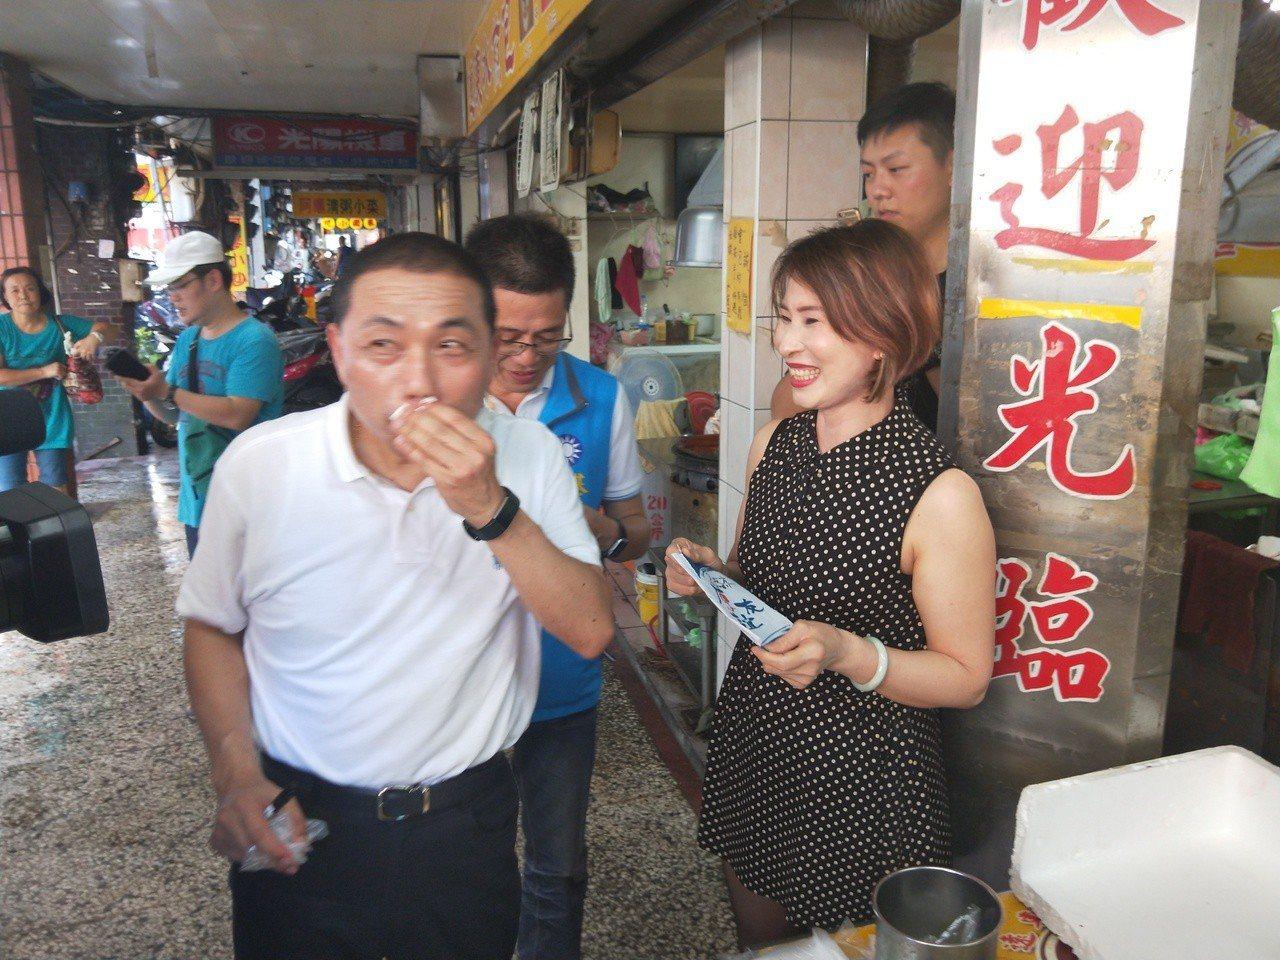 水煎包老闆娘像昔日玉女歌手,侯友宜吃美食驚豔合照。記者游明煌/攝影